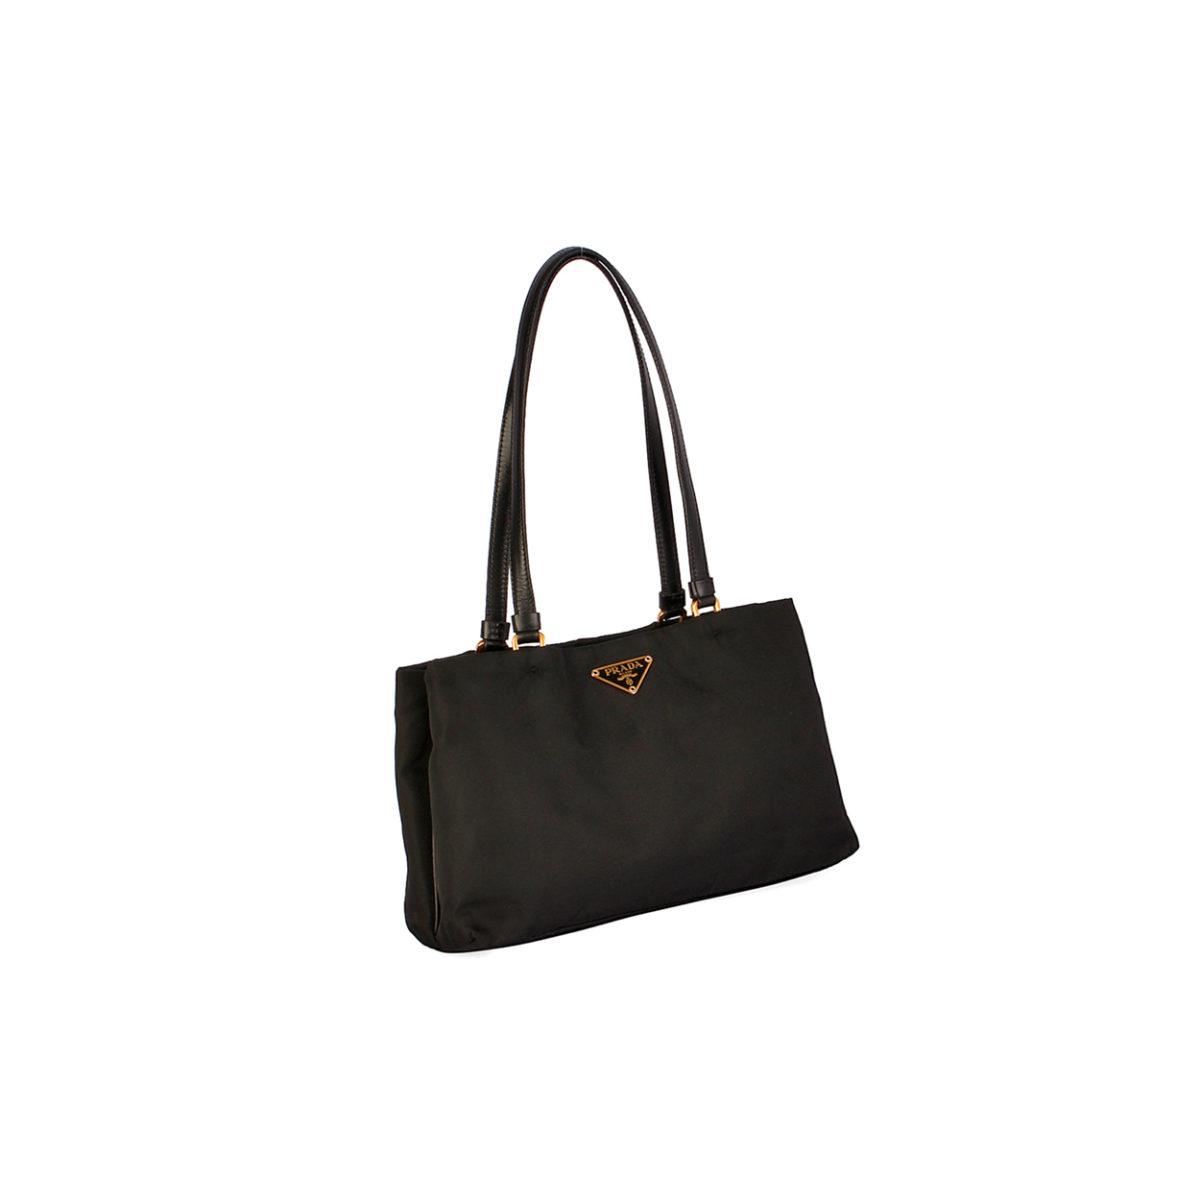 2b678b144273 ... norway prada tessuto sport nylon bag black a5084 dbd5f